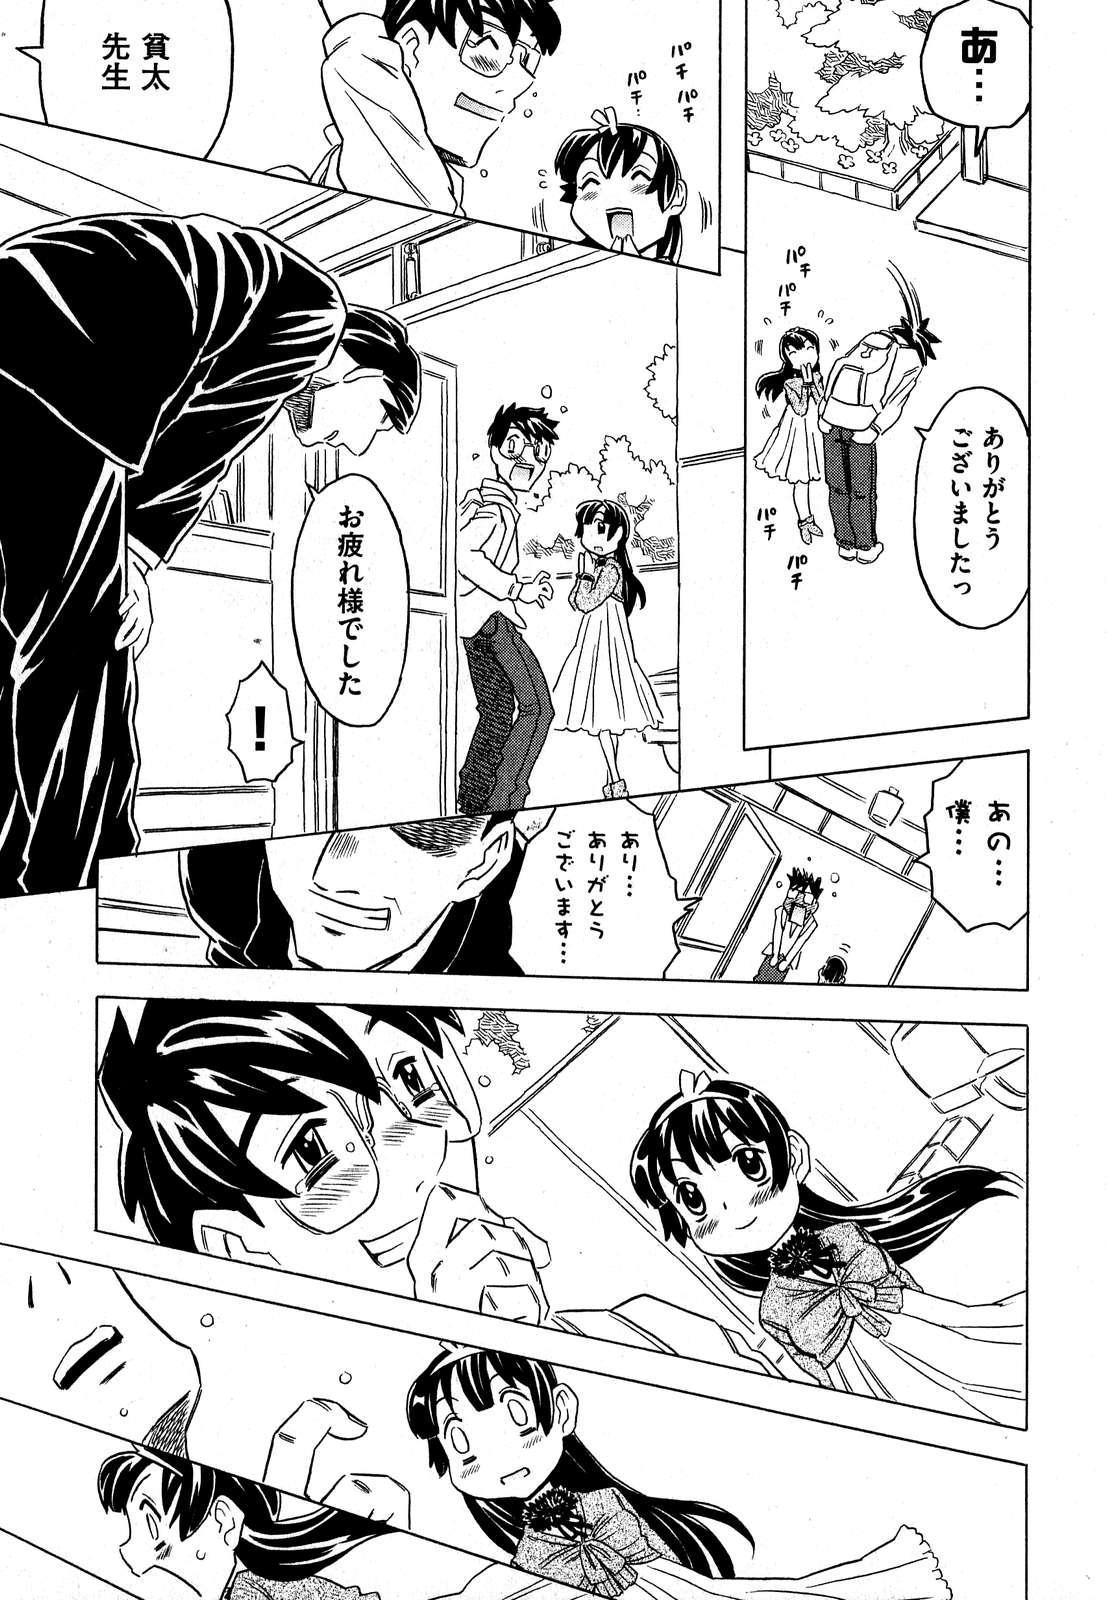 COMIC XO 2007-09 Vol. 16 38